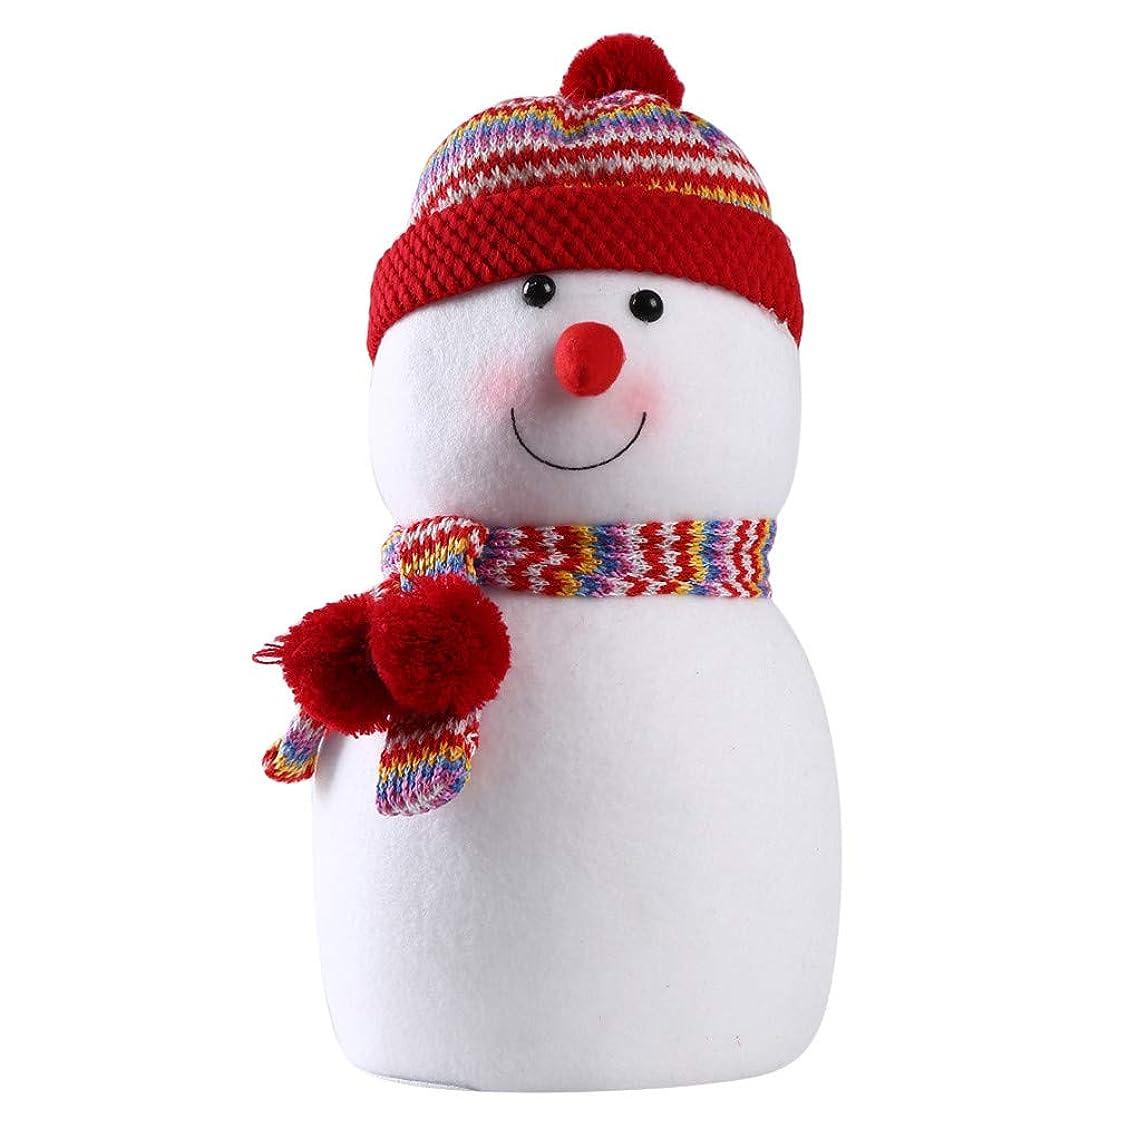 気球参照する区Sevenfly クリスマスツリーシルクハット雪だるまクリスマスホリデー冬ワンダーランドパーティーデコレーションデコレーション(赤 23cm*14cm)